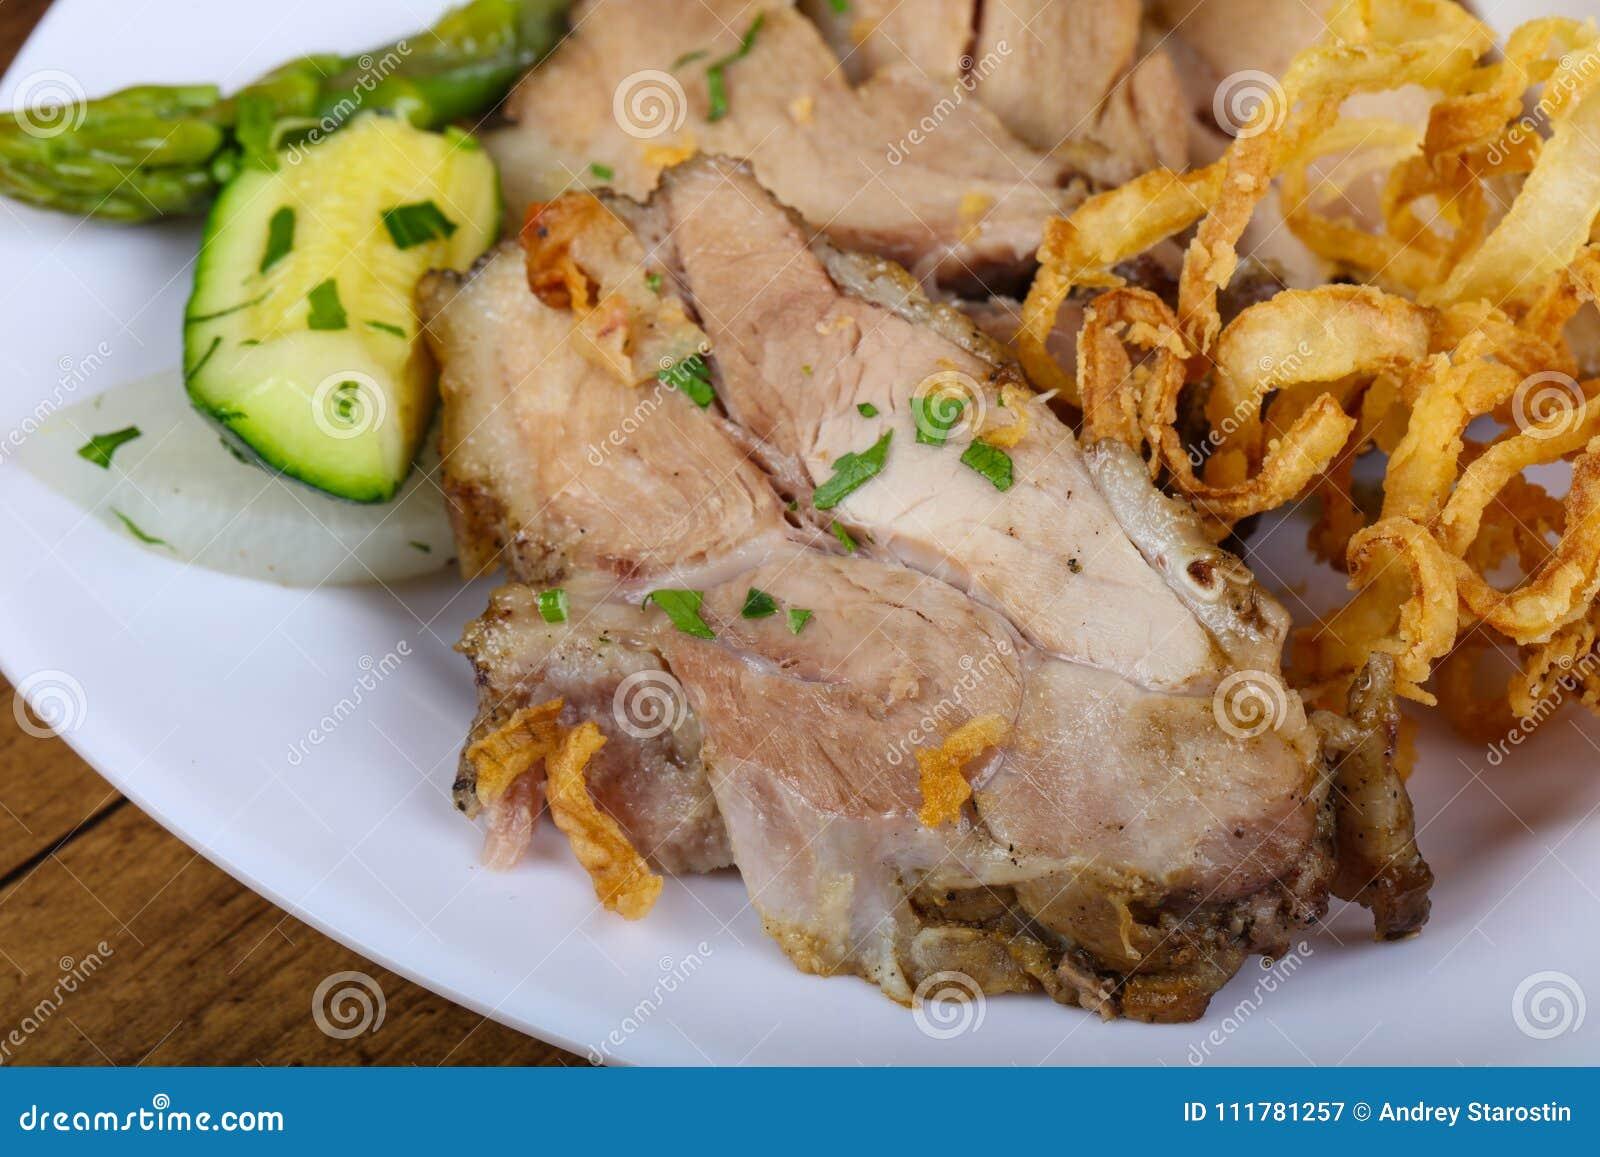 Tschechische Küche - gebratenes Schweinefleisch